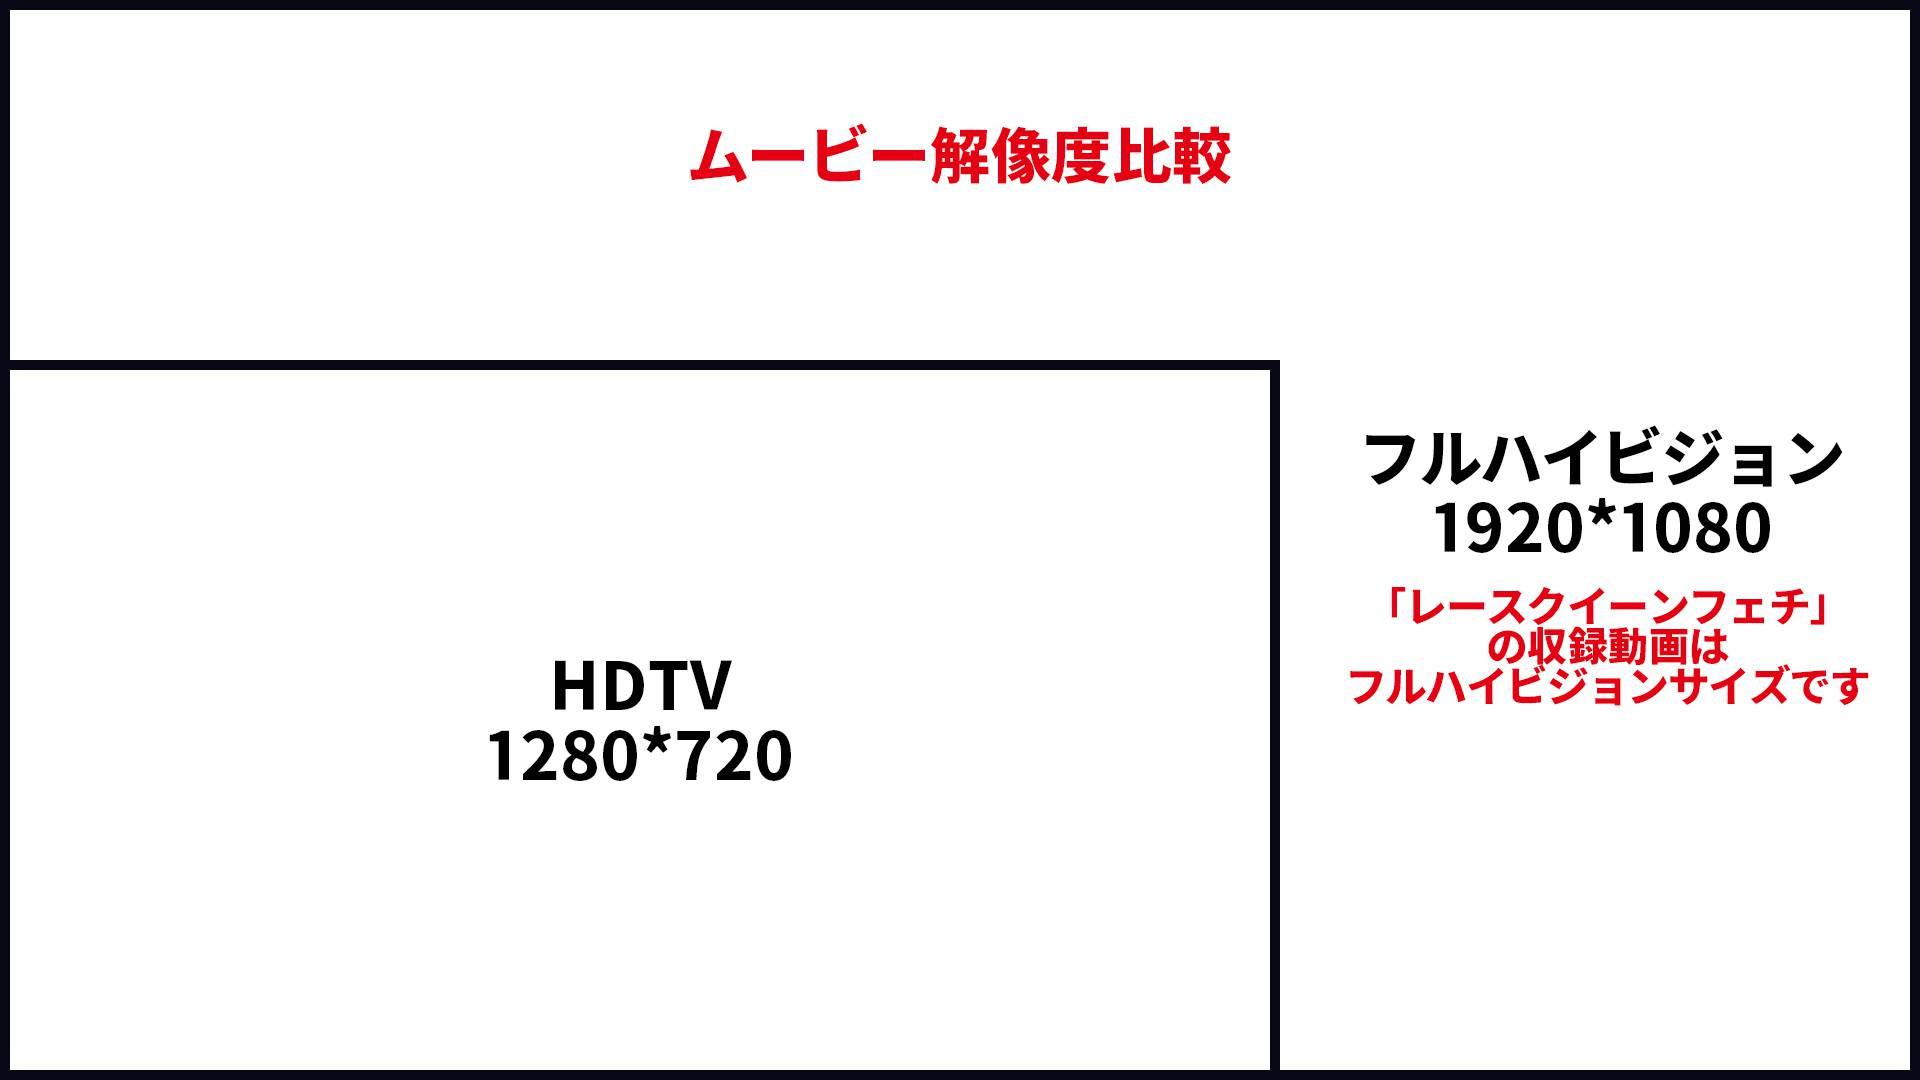 【HD】レースクイーンフェチ#020 ムービー版【2】 サンプル画像05